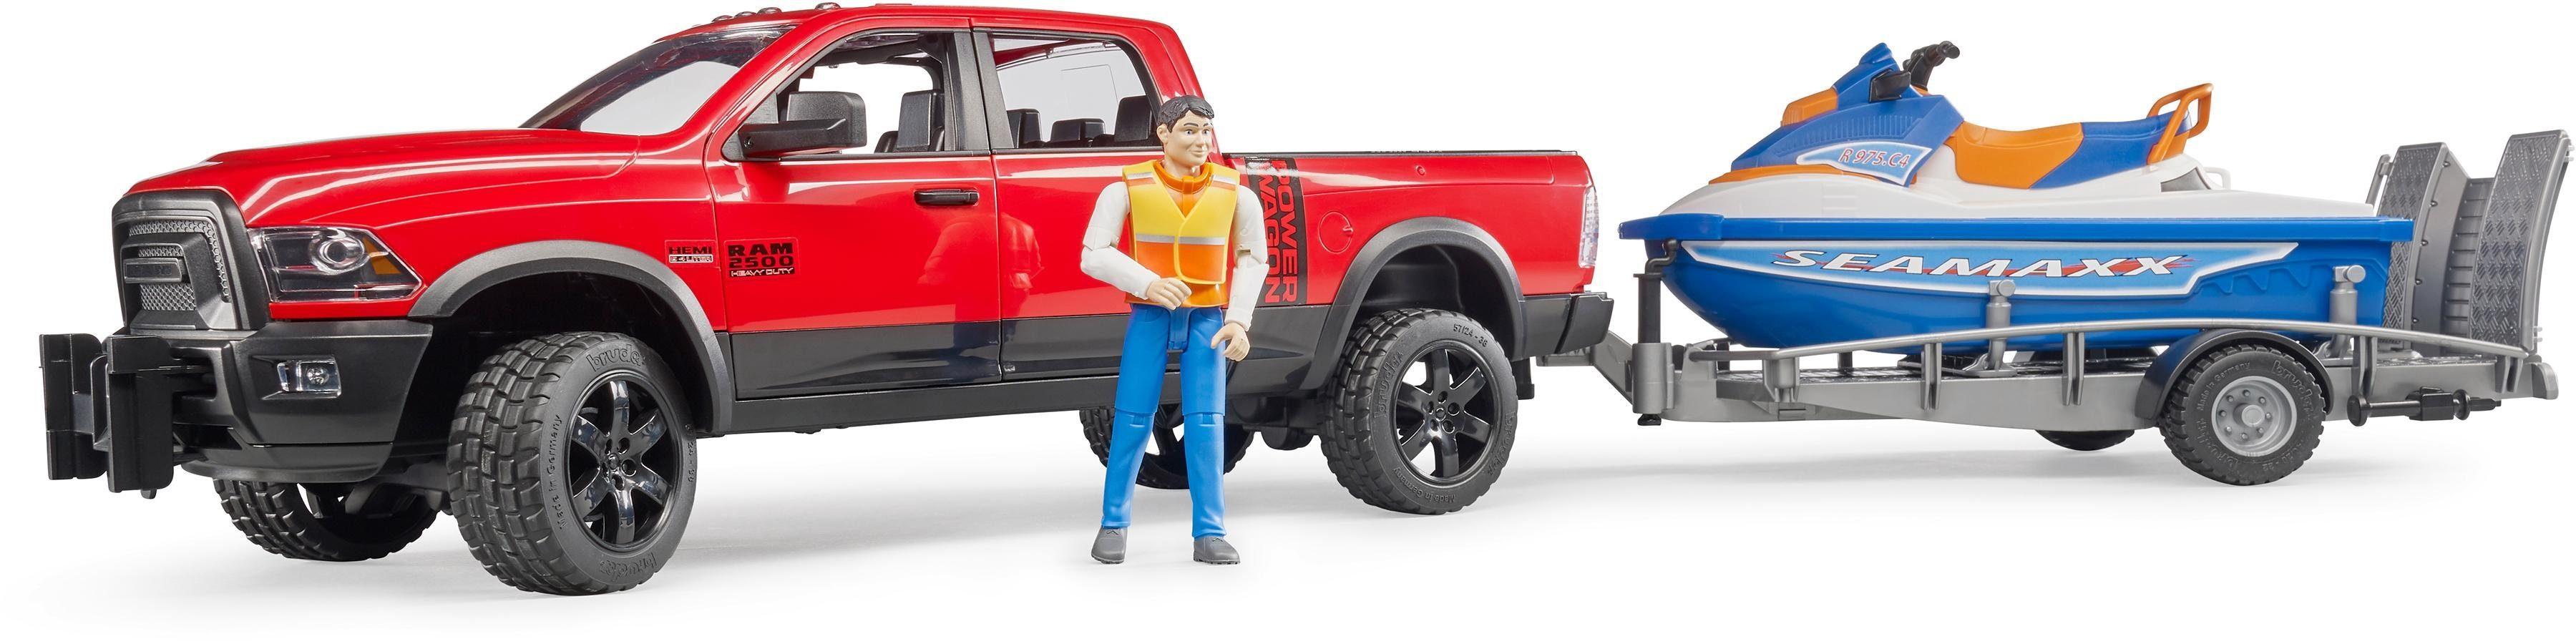 bruder® Spielfahrzeug mit Anhänger und Boot 02503, »RAM 2500 Power Wagon mit Anhänger, Personal Water Craft und Fahrer«